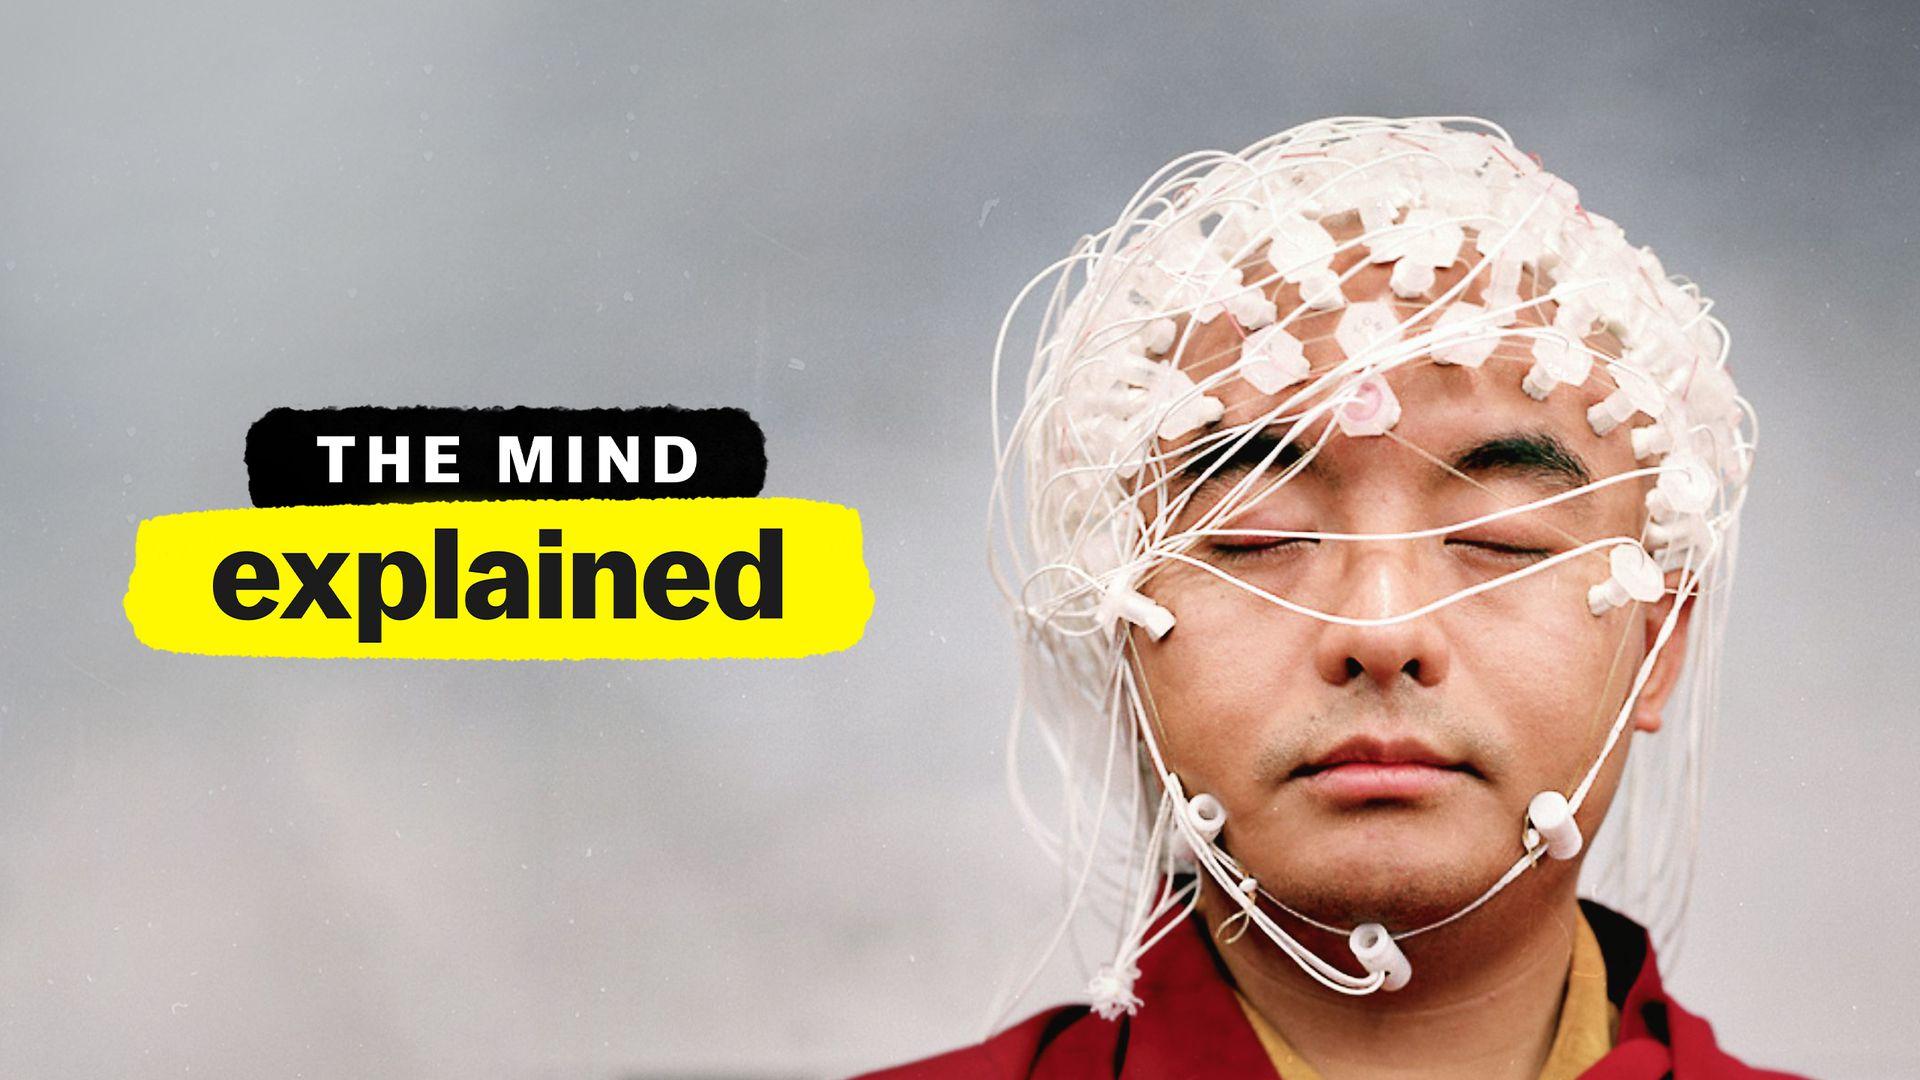 A mente explicada showmetech3